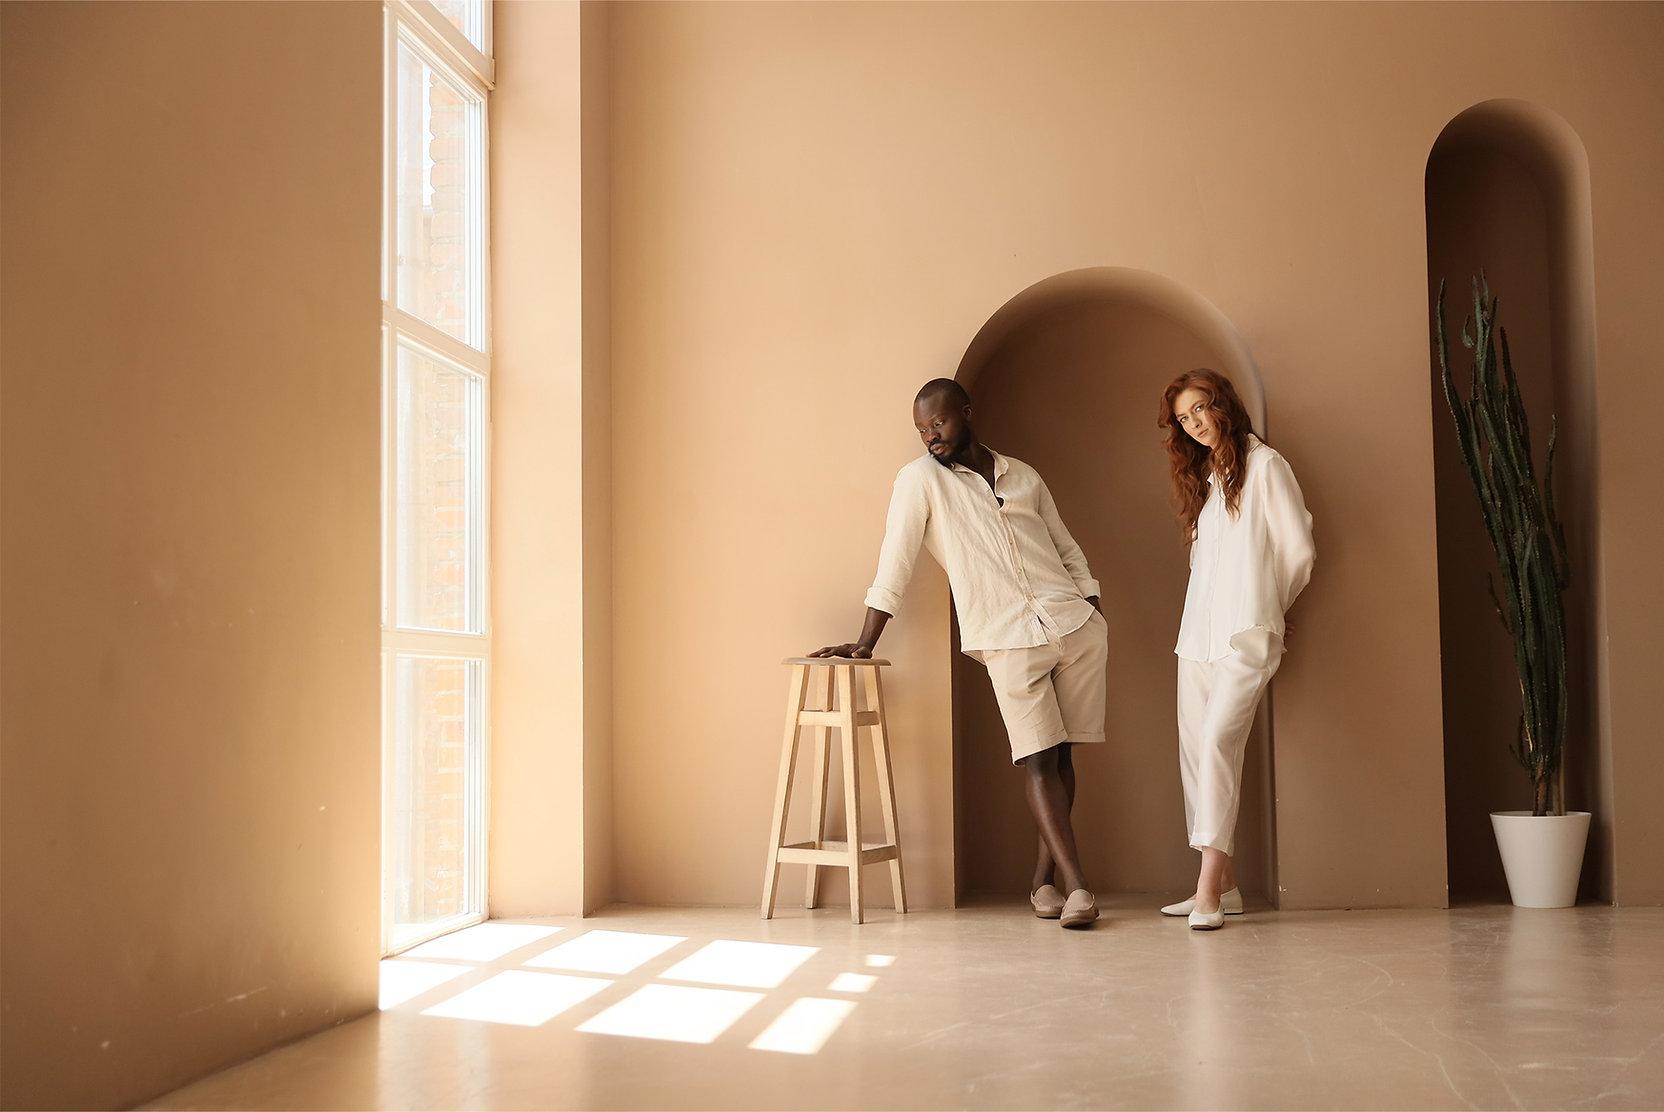 Minimalist tasarımlı bir odada açık renkli keten giysiler giyen iki kişiyi içeren bir fotoğraf çekiminin arka plan görüntüsü.